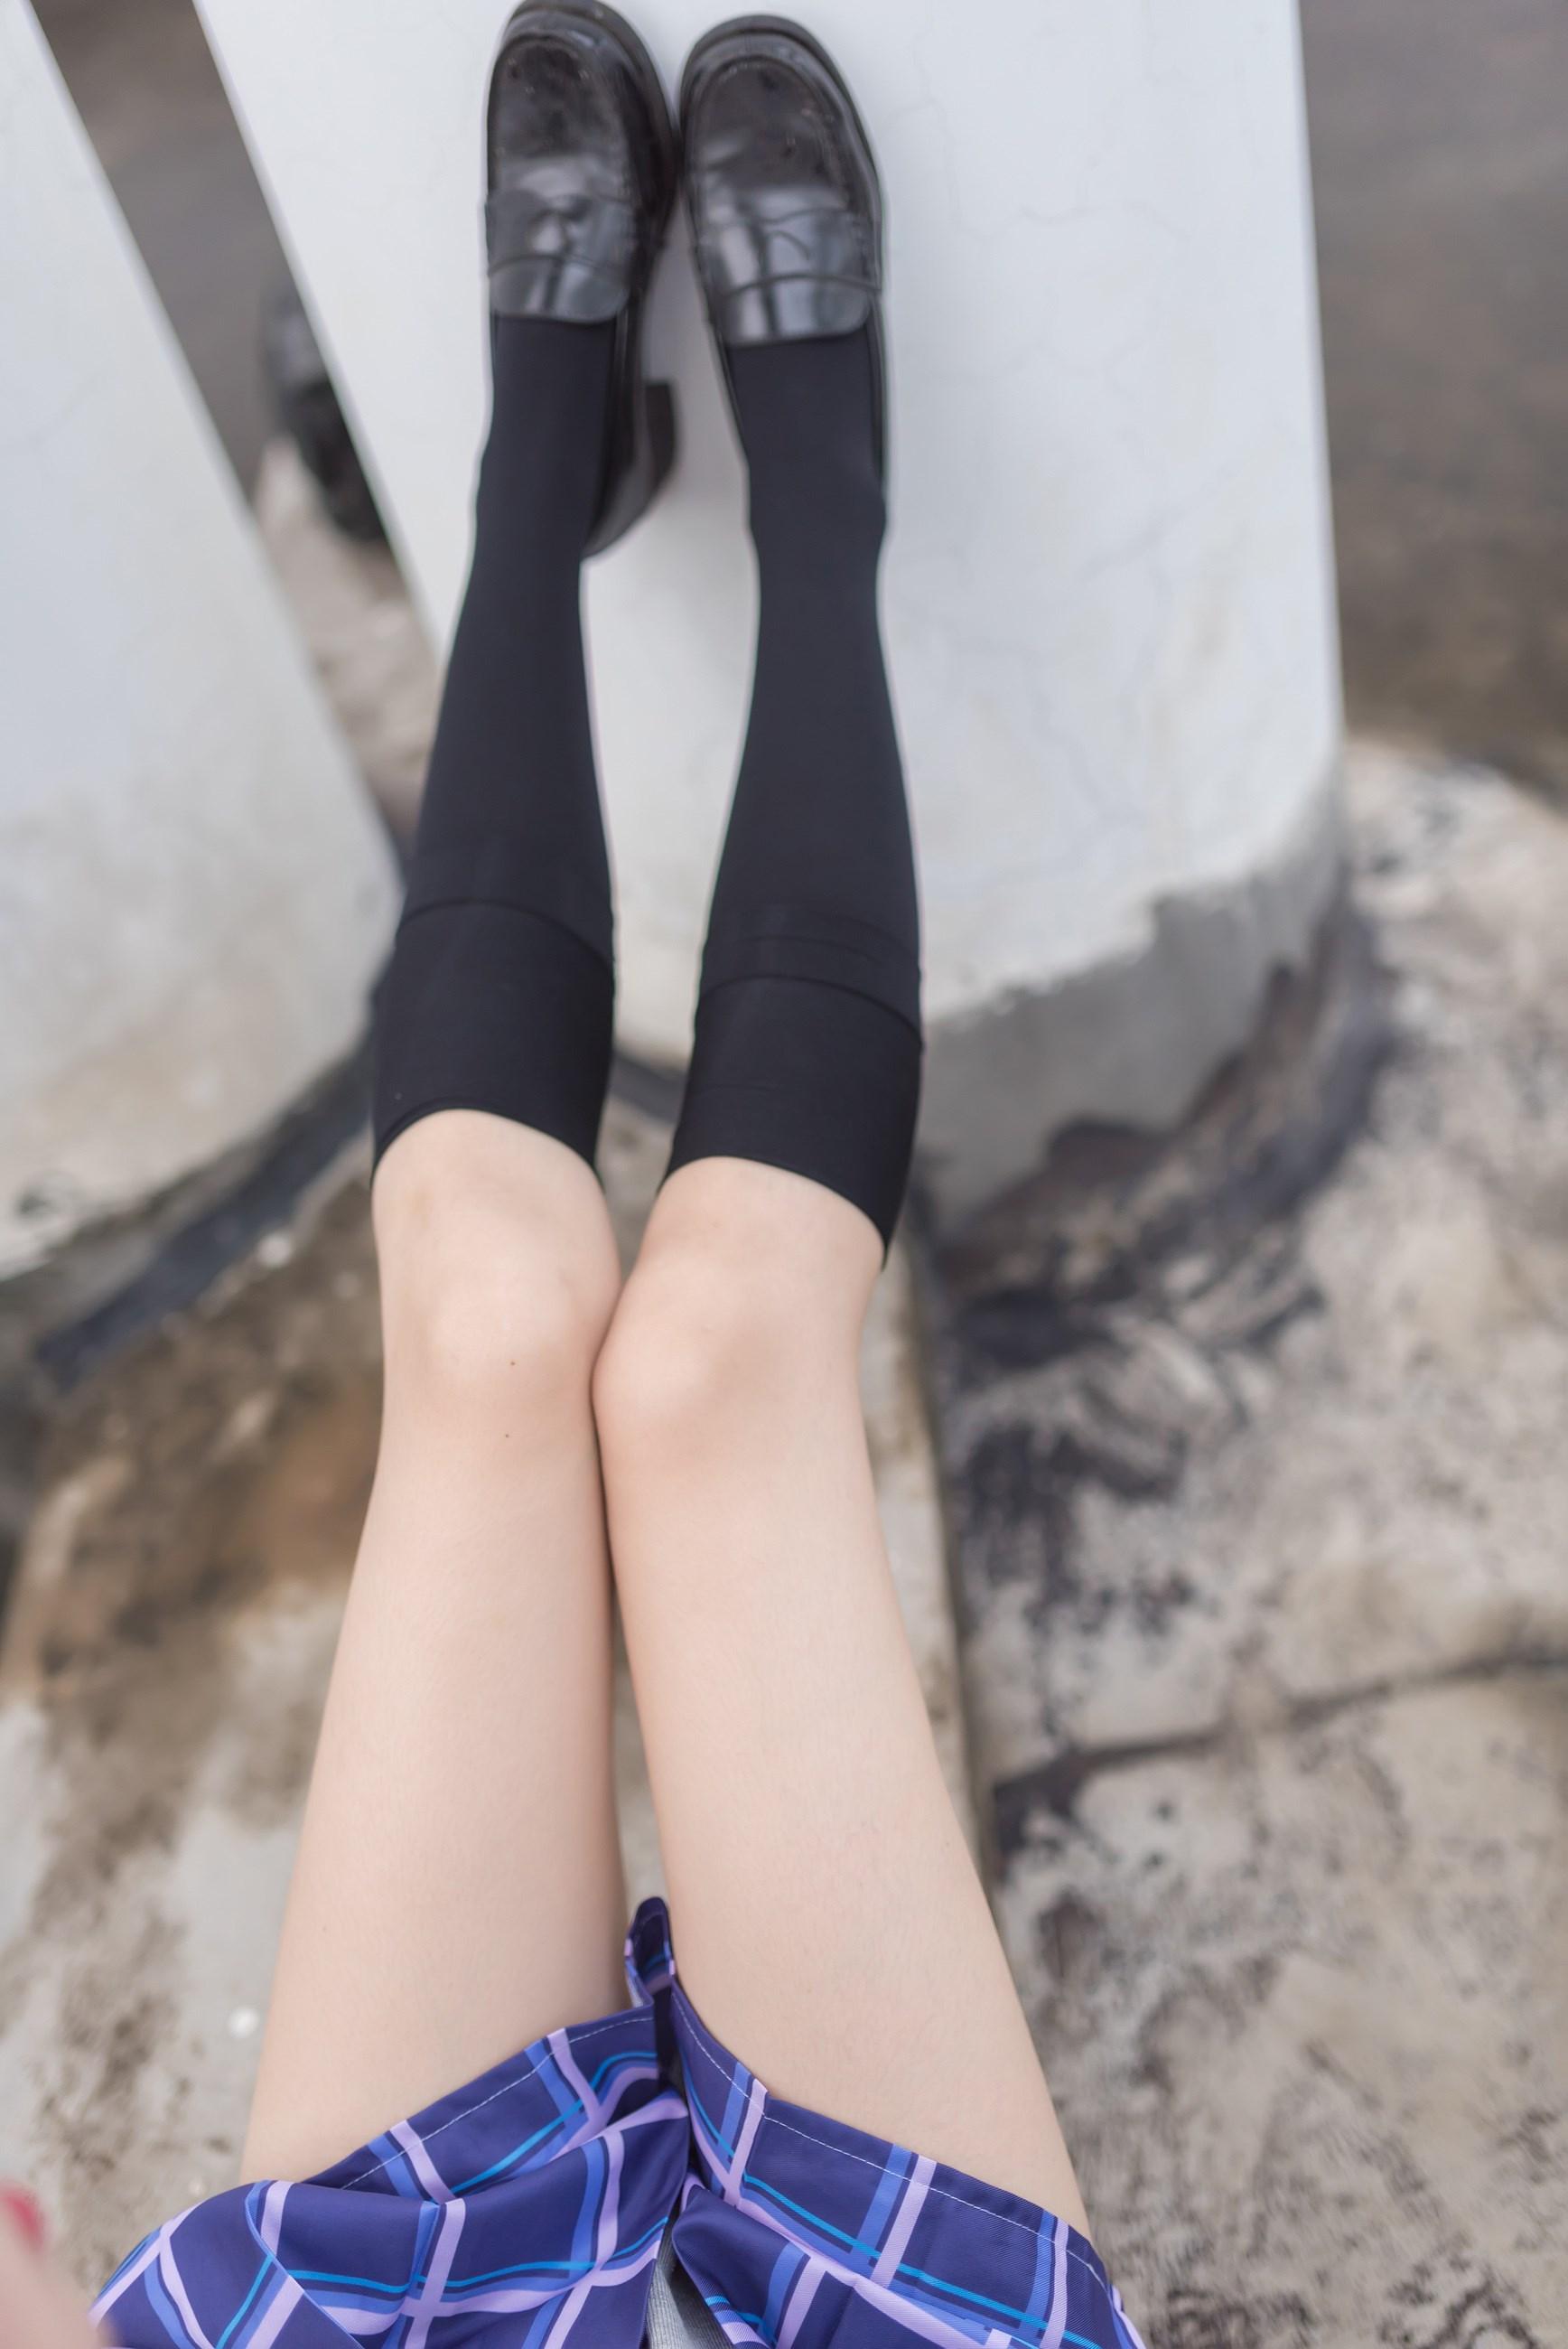 【兔玩映画】天台的蓝裙少女 兔玩映画 第27张